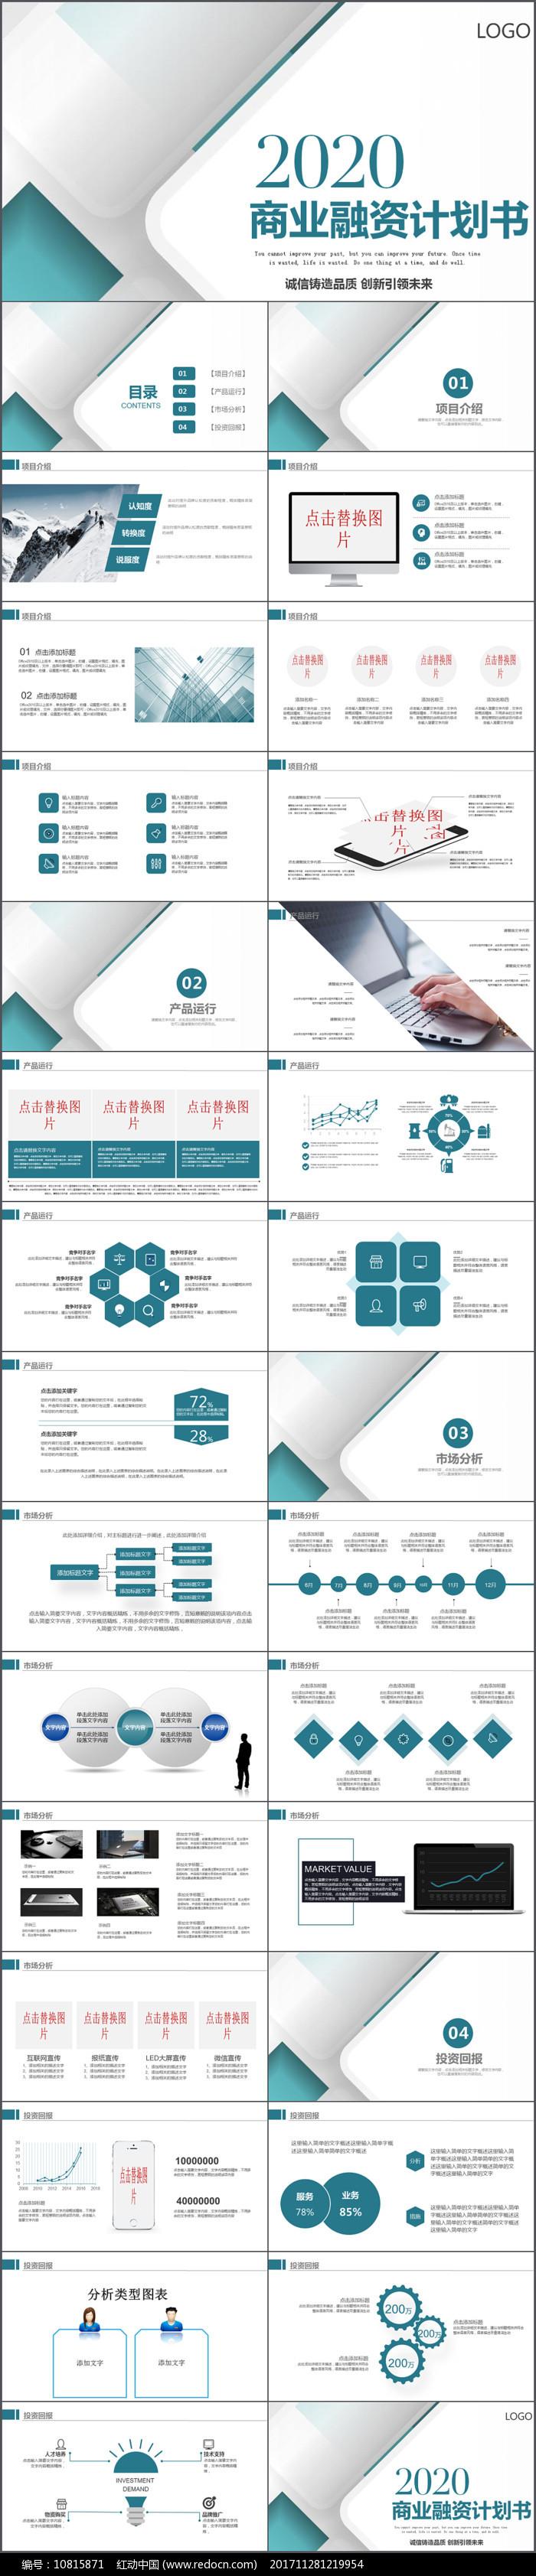 融资投资商业计划书PPT模板图片